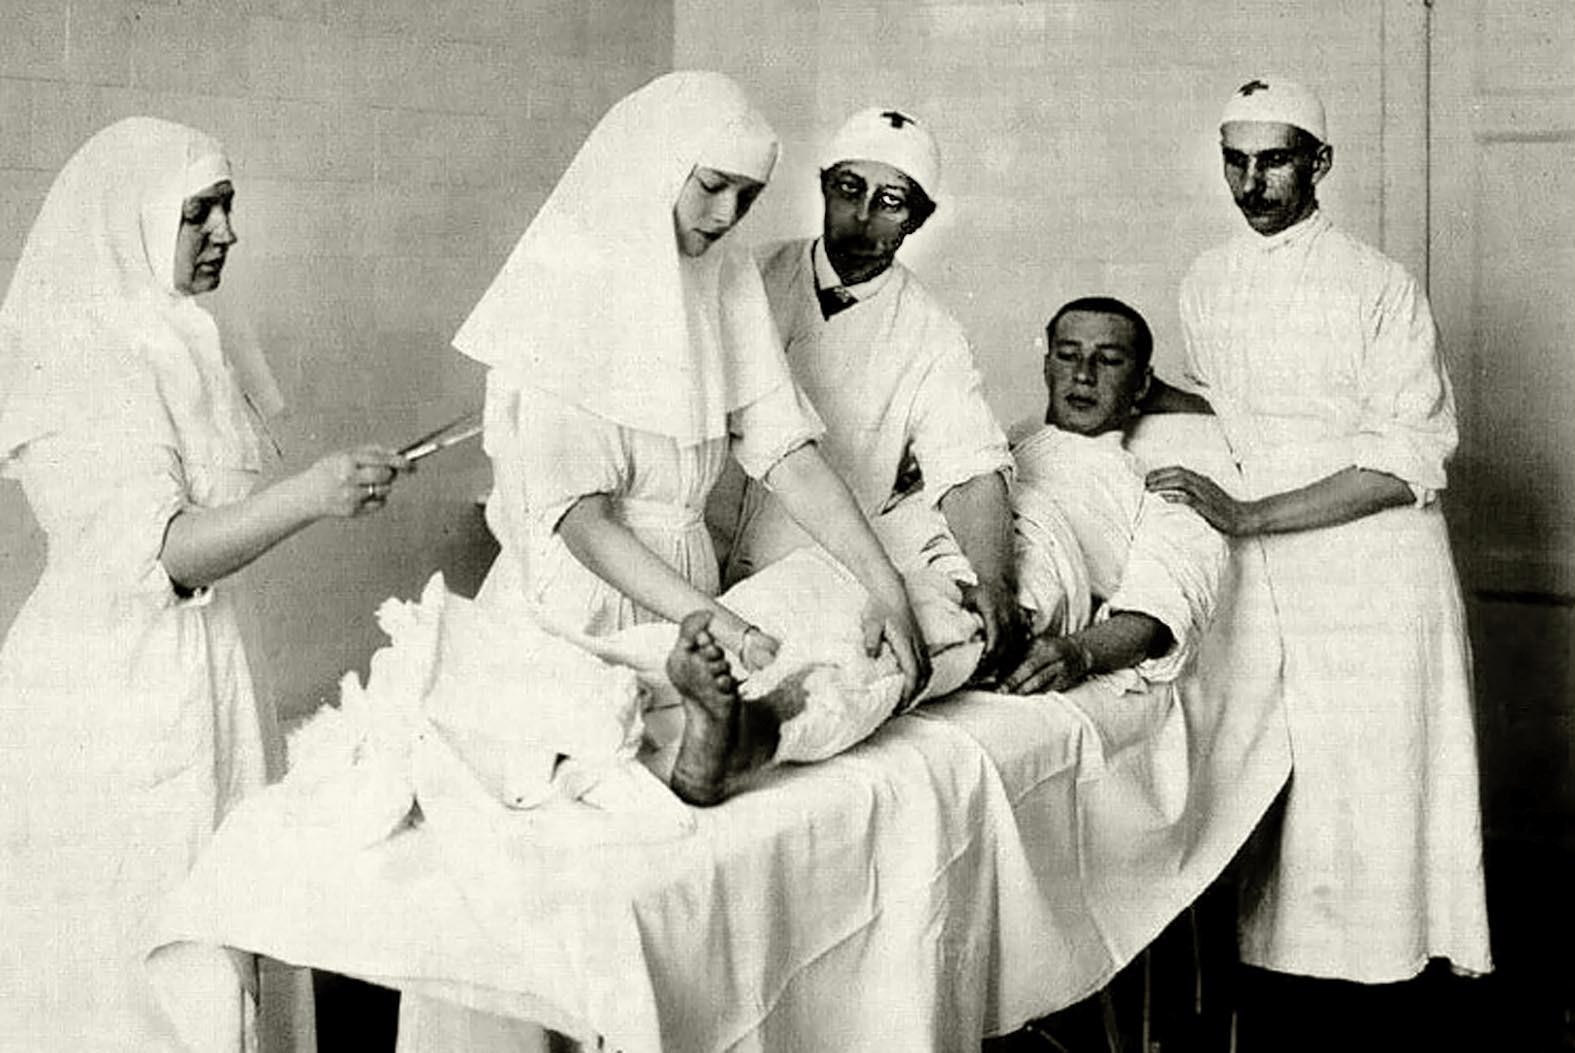 Татьяна делает перевязку корнету Дмитрию Малама. Рядом с Татьяной стоит княжна Вера Гедройц